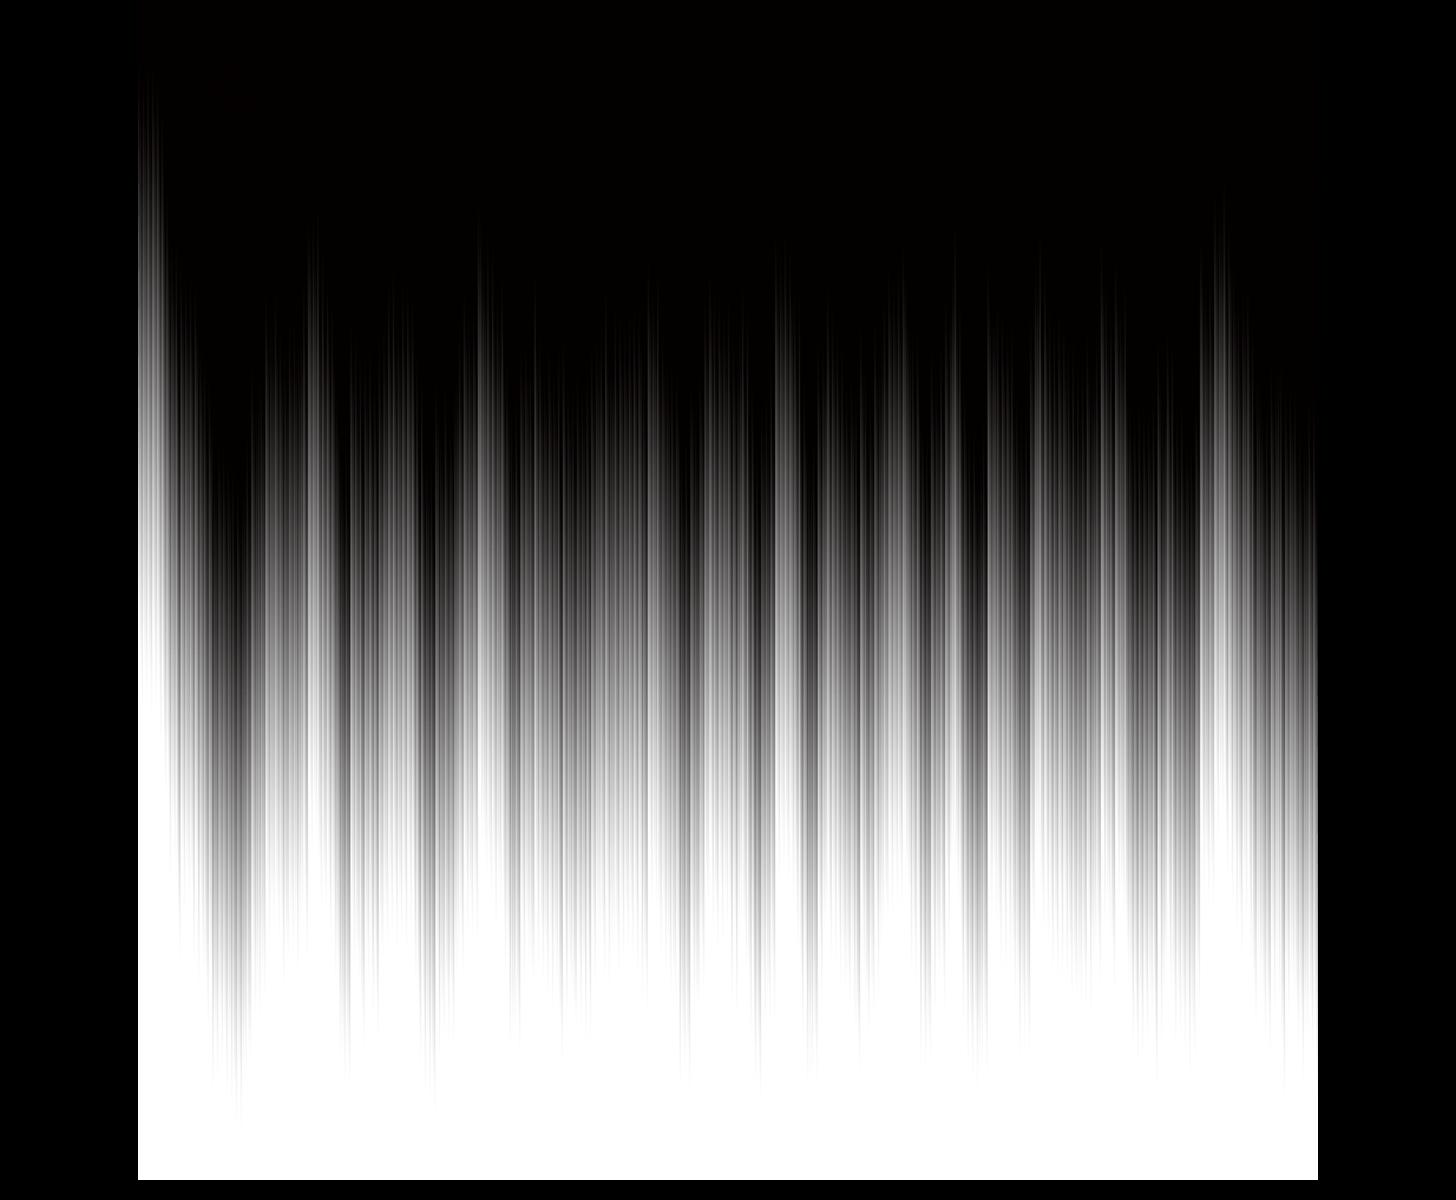 波形の見本